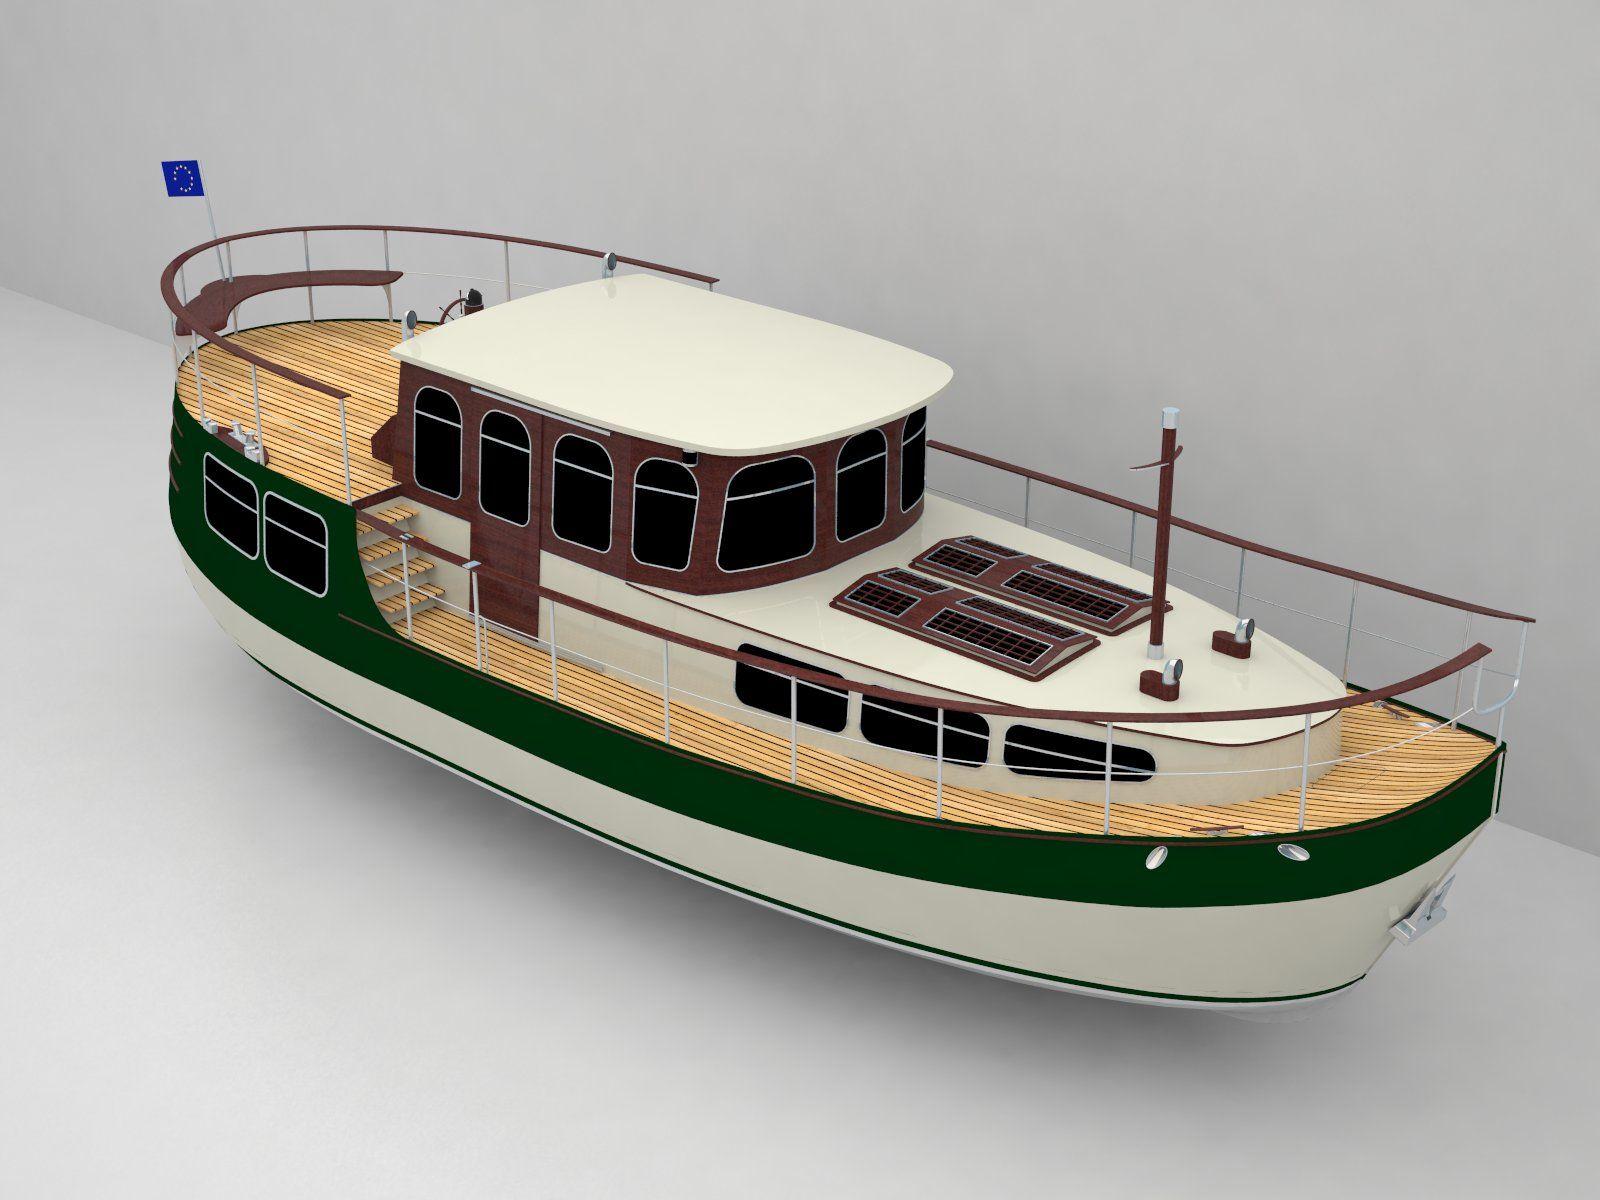 Scale model boat